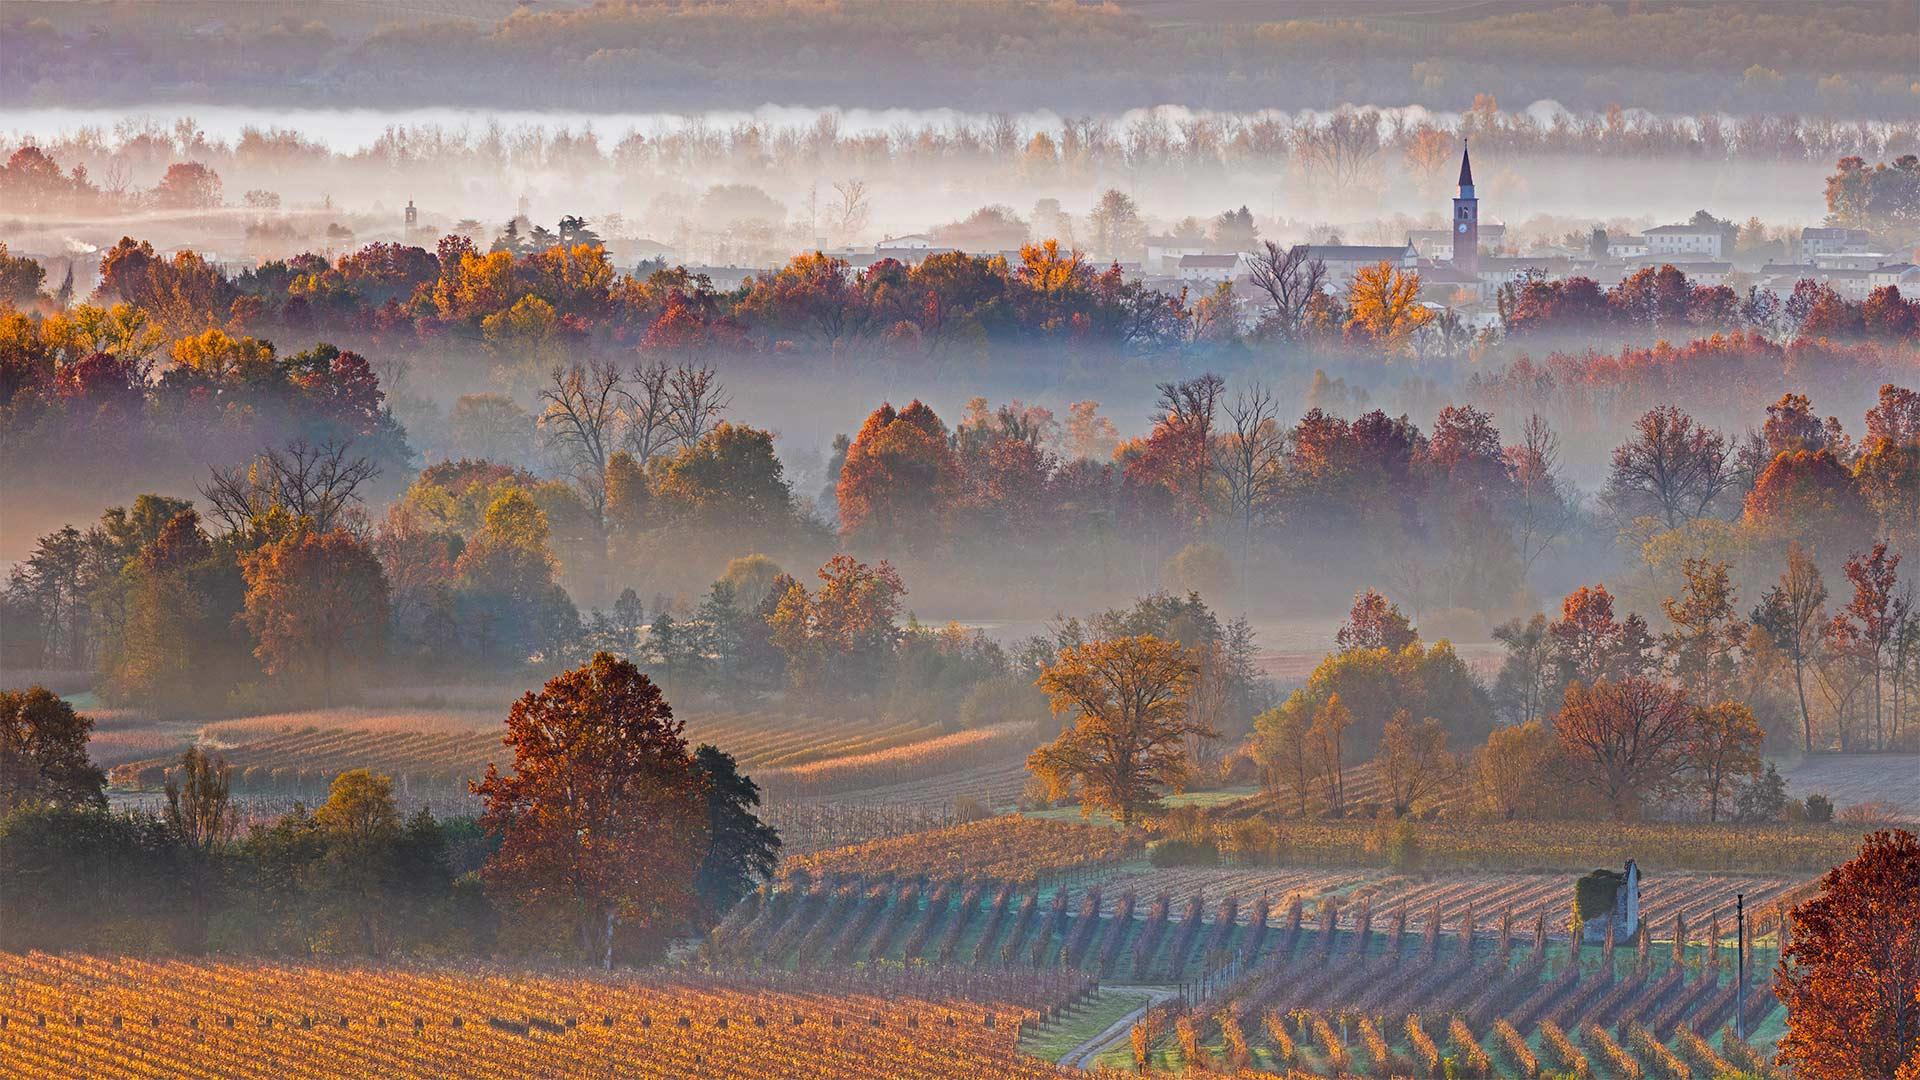 Farra di Soligo in the Prosecco Hills of Veneto, Italy (© Olimpio Fantuz/Sime/eStock Photo)(Bing United States)